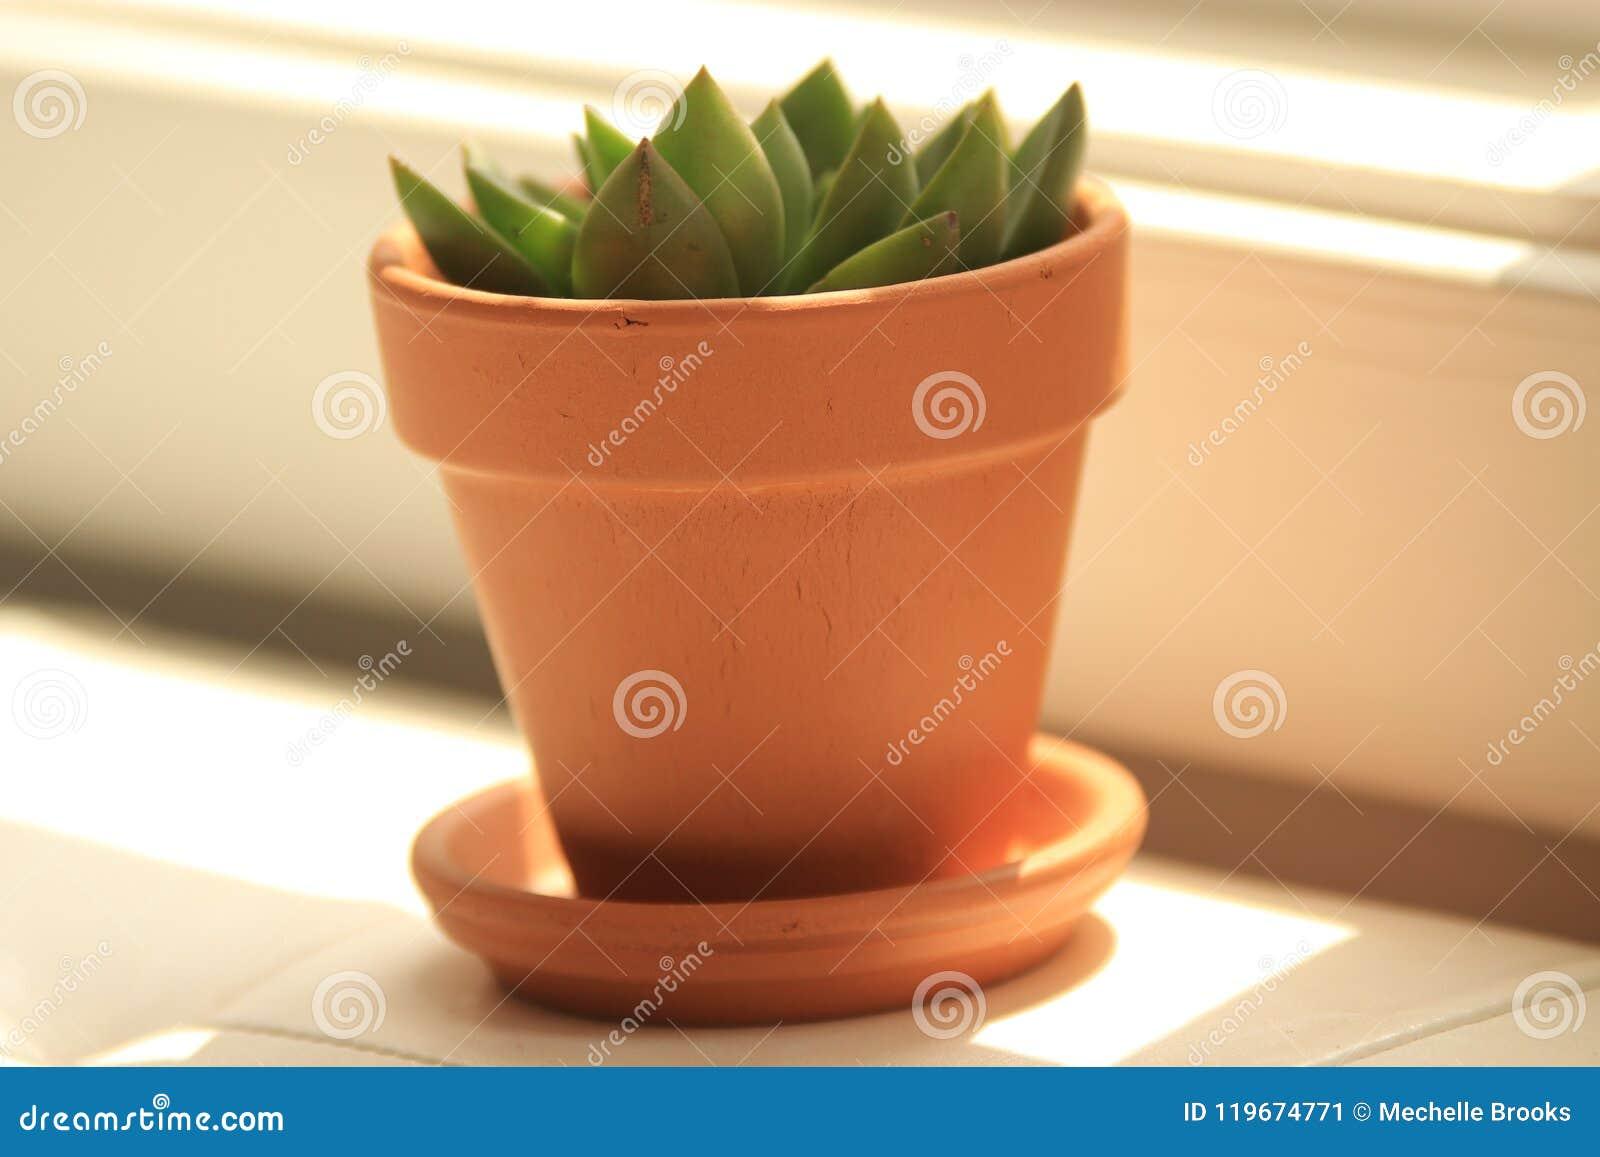 Pianta succulente nella finestra